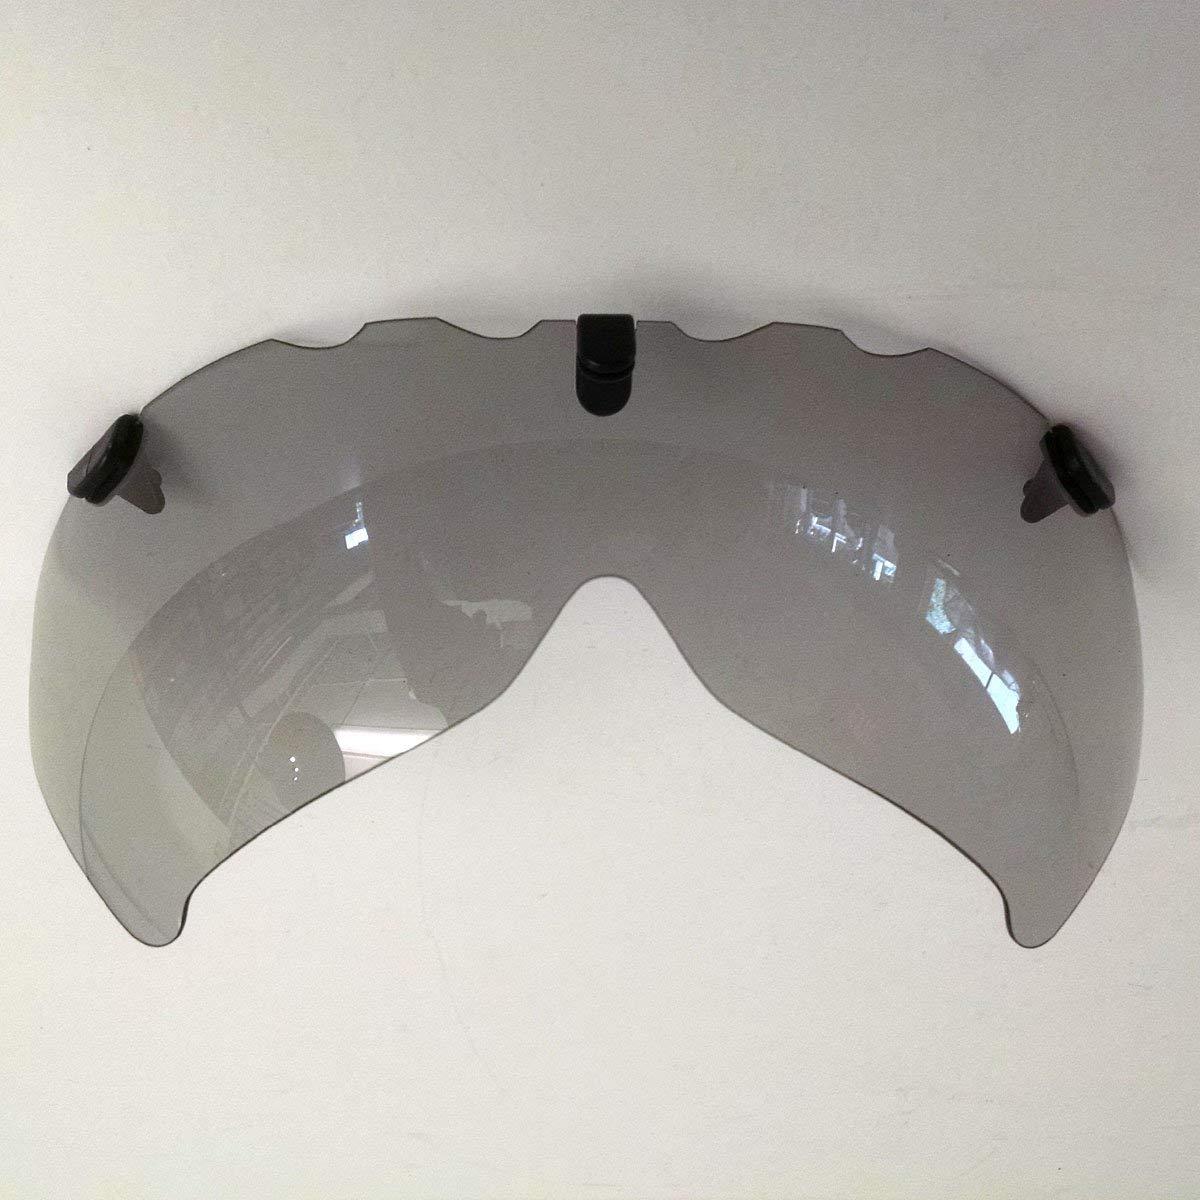 Bell Javelin Helmet Replacement Eye Shield - Grey, Medium - 2032120